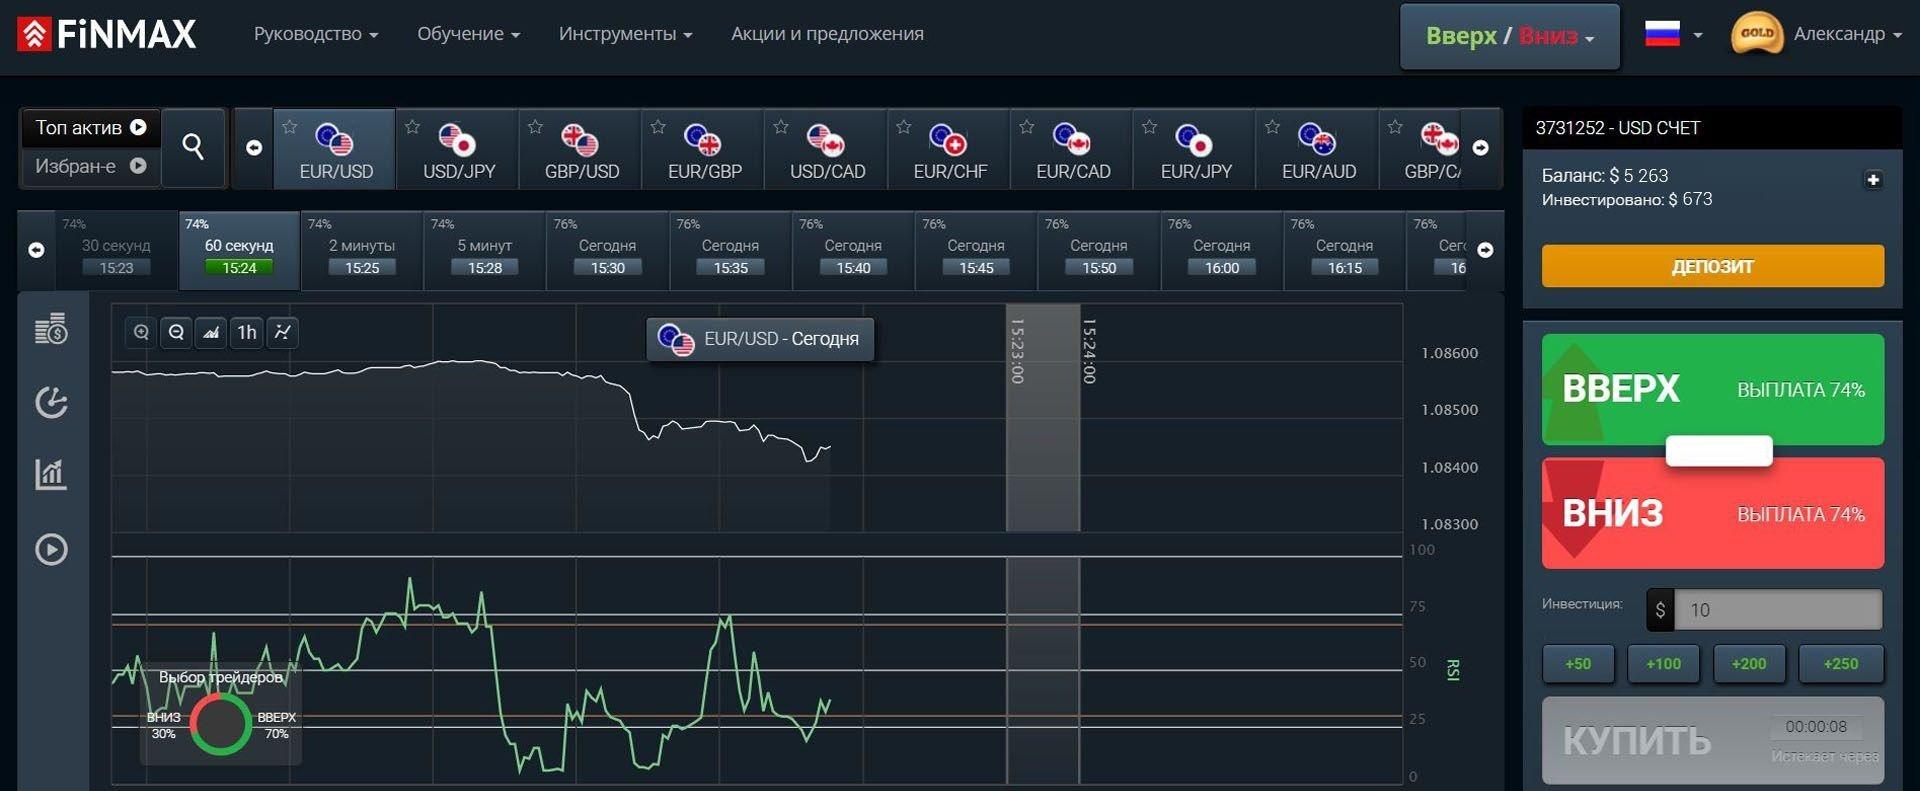 Торговля бинарными опционами у надежного брокера Finmax